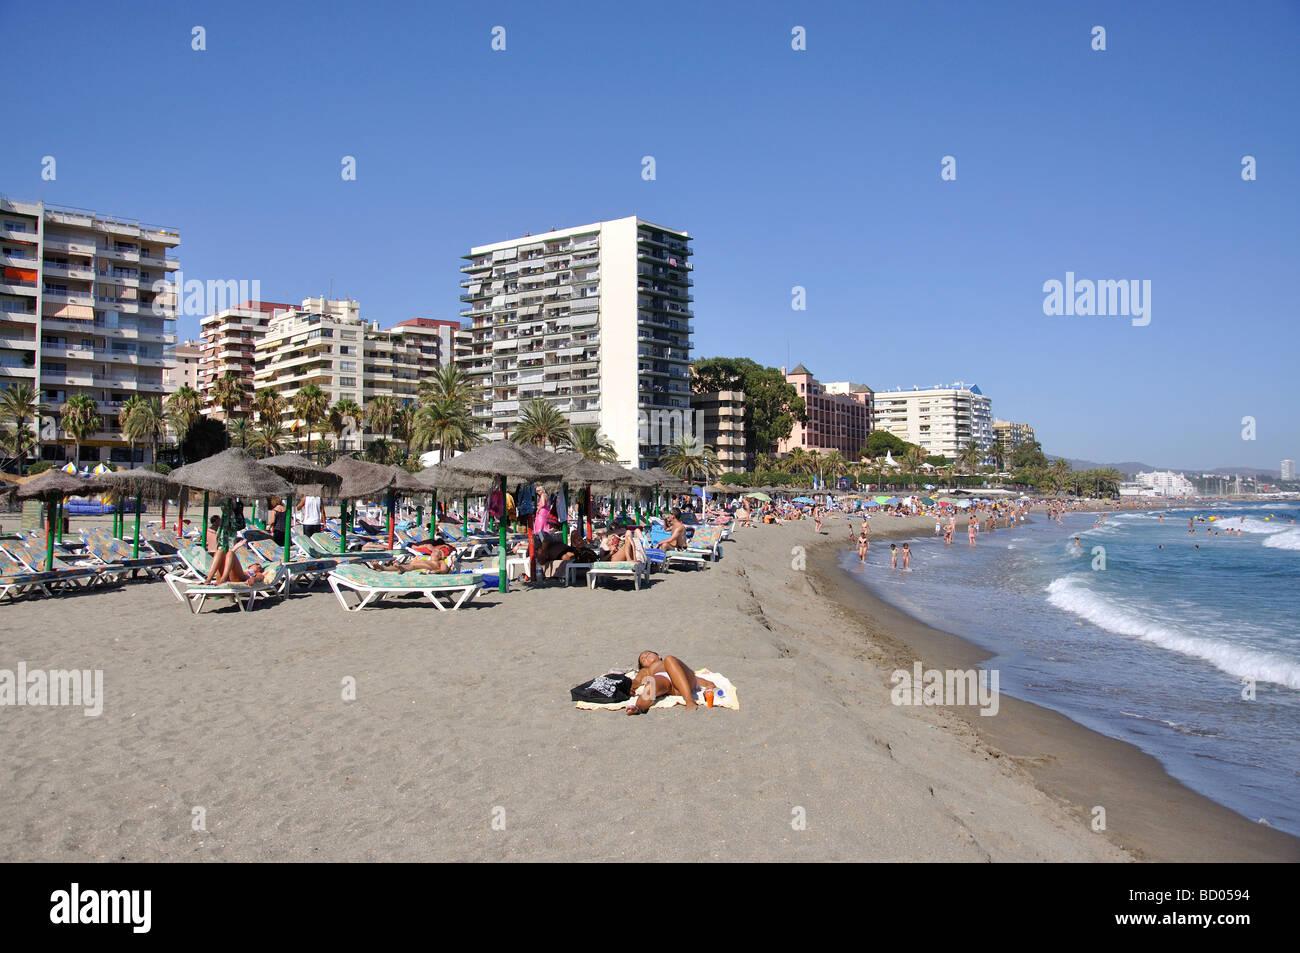 Playa de la Bajadilla, Marbella, Costa del Sol, Malaga Province Stock Photo, ...